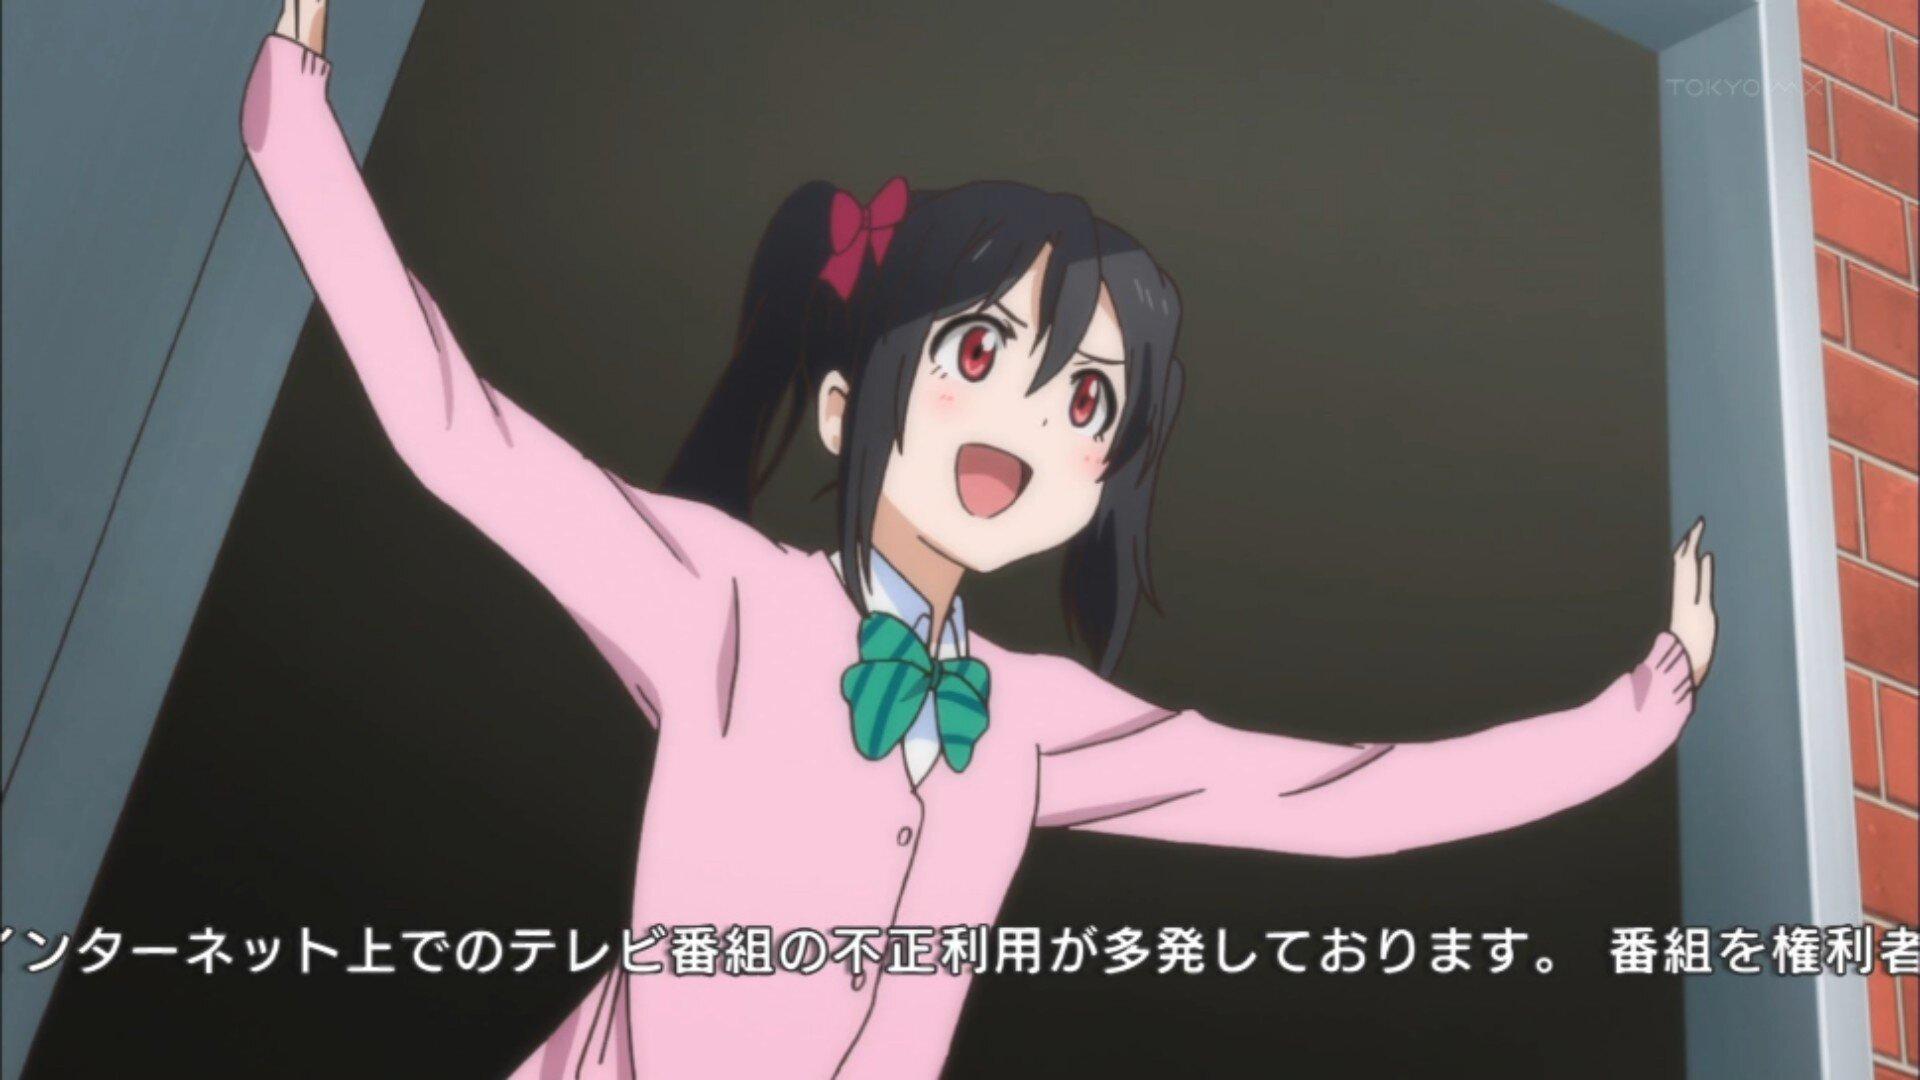 重大ニュースよ #lovelive_Anime #lovelive http://t.co/nyBMqteg